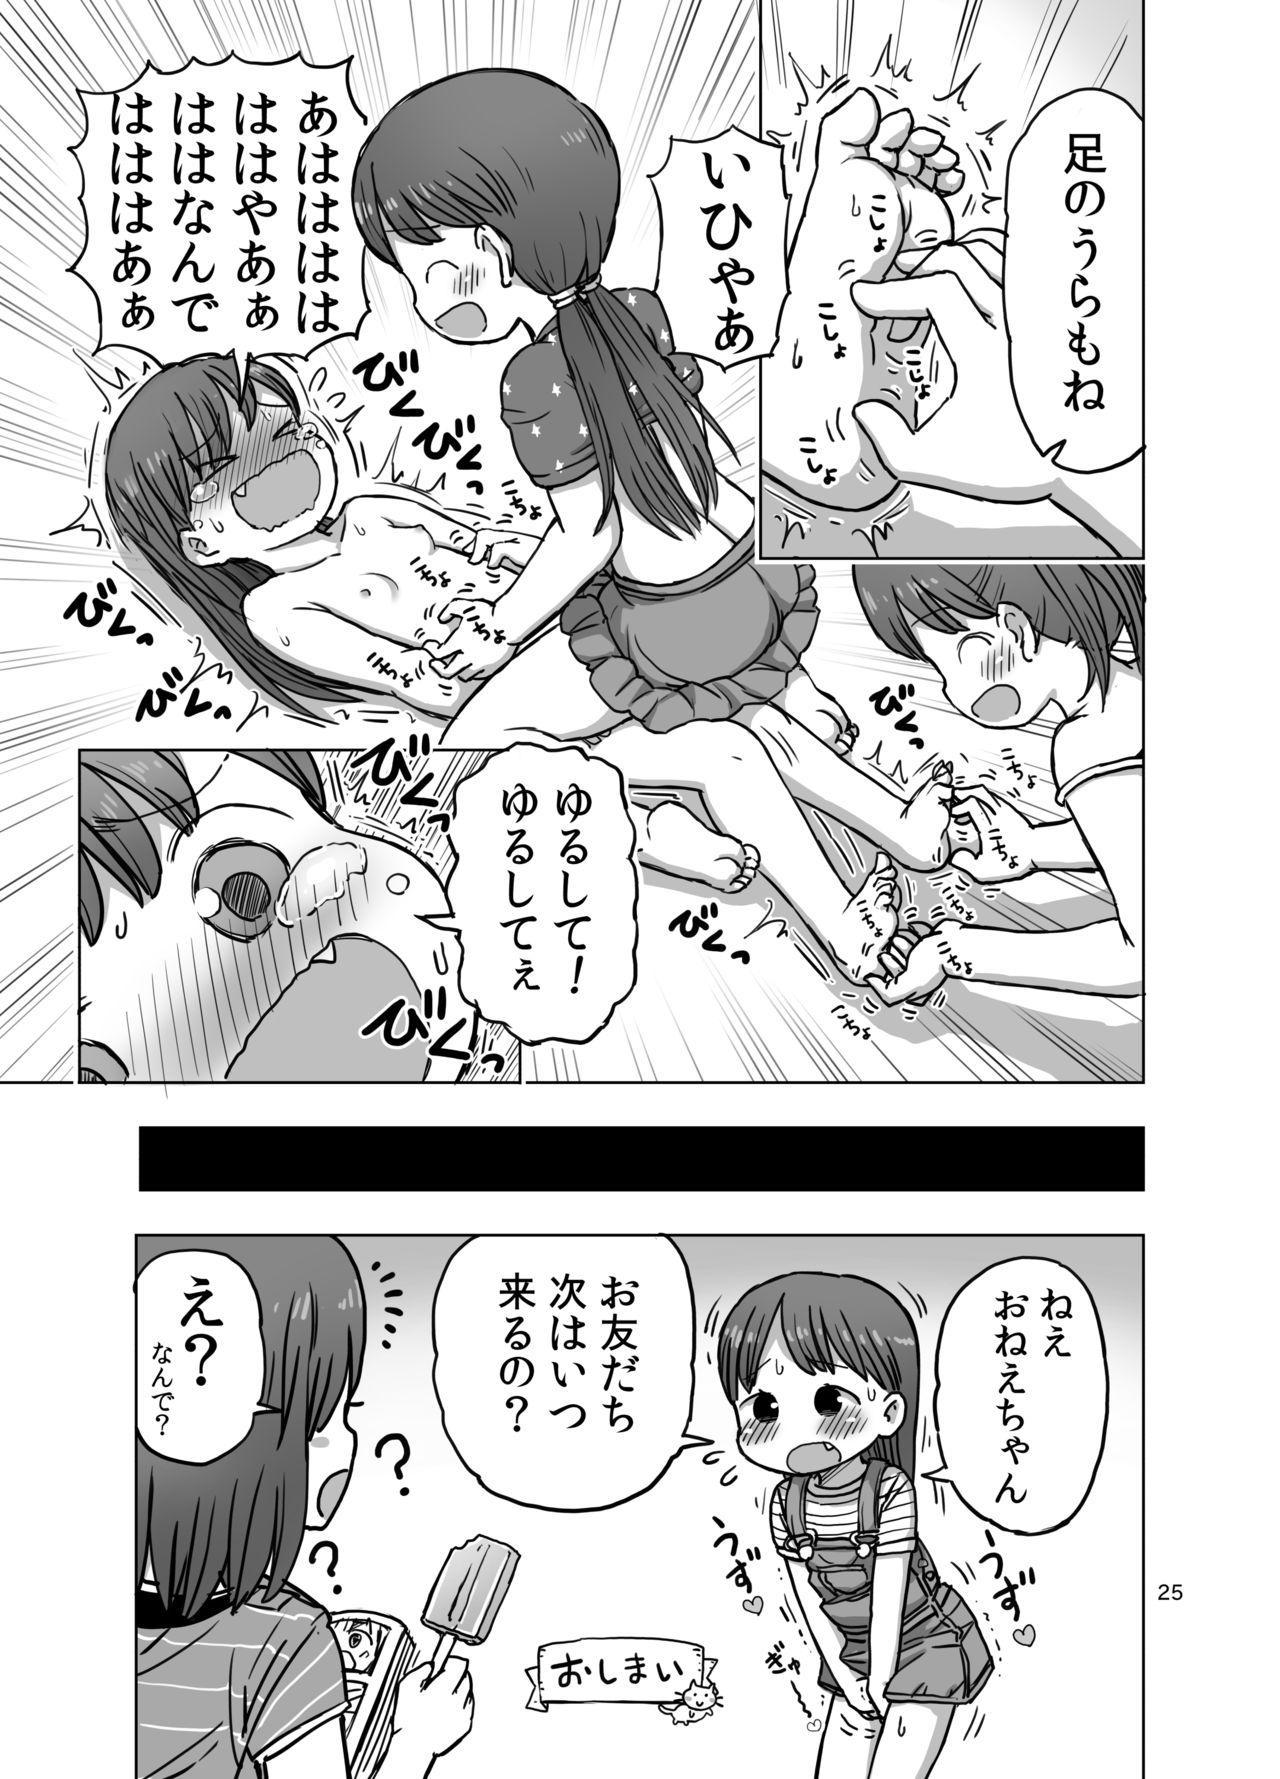 Feather Touch de Jirasarete Onanie Shichau Manga 23